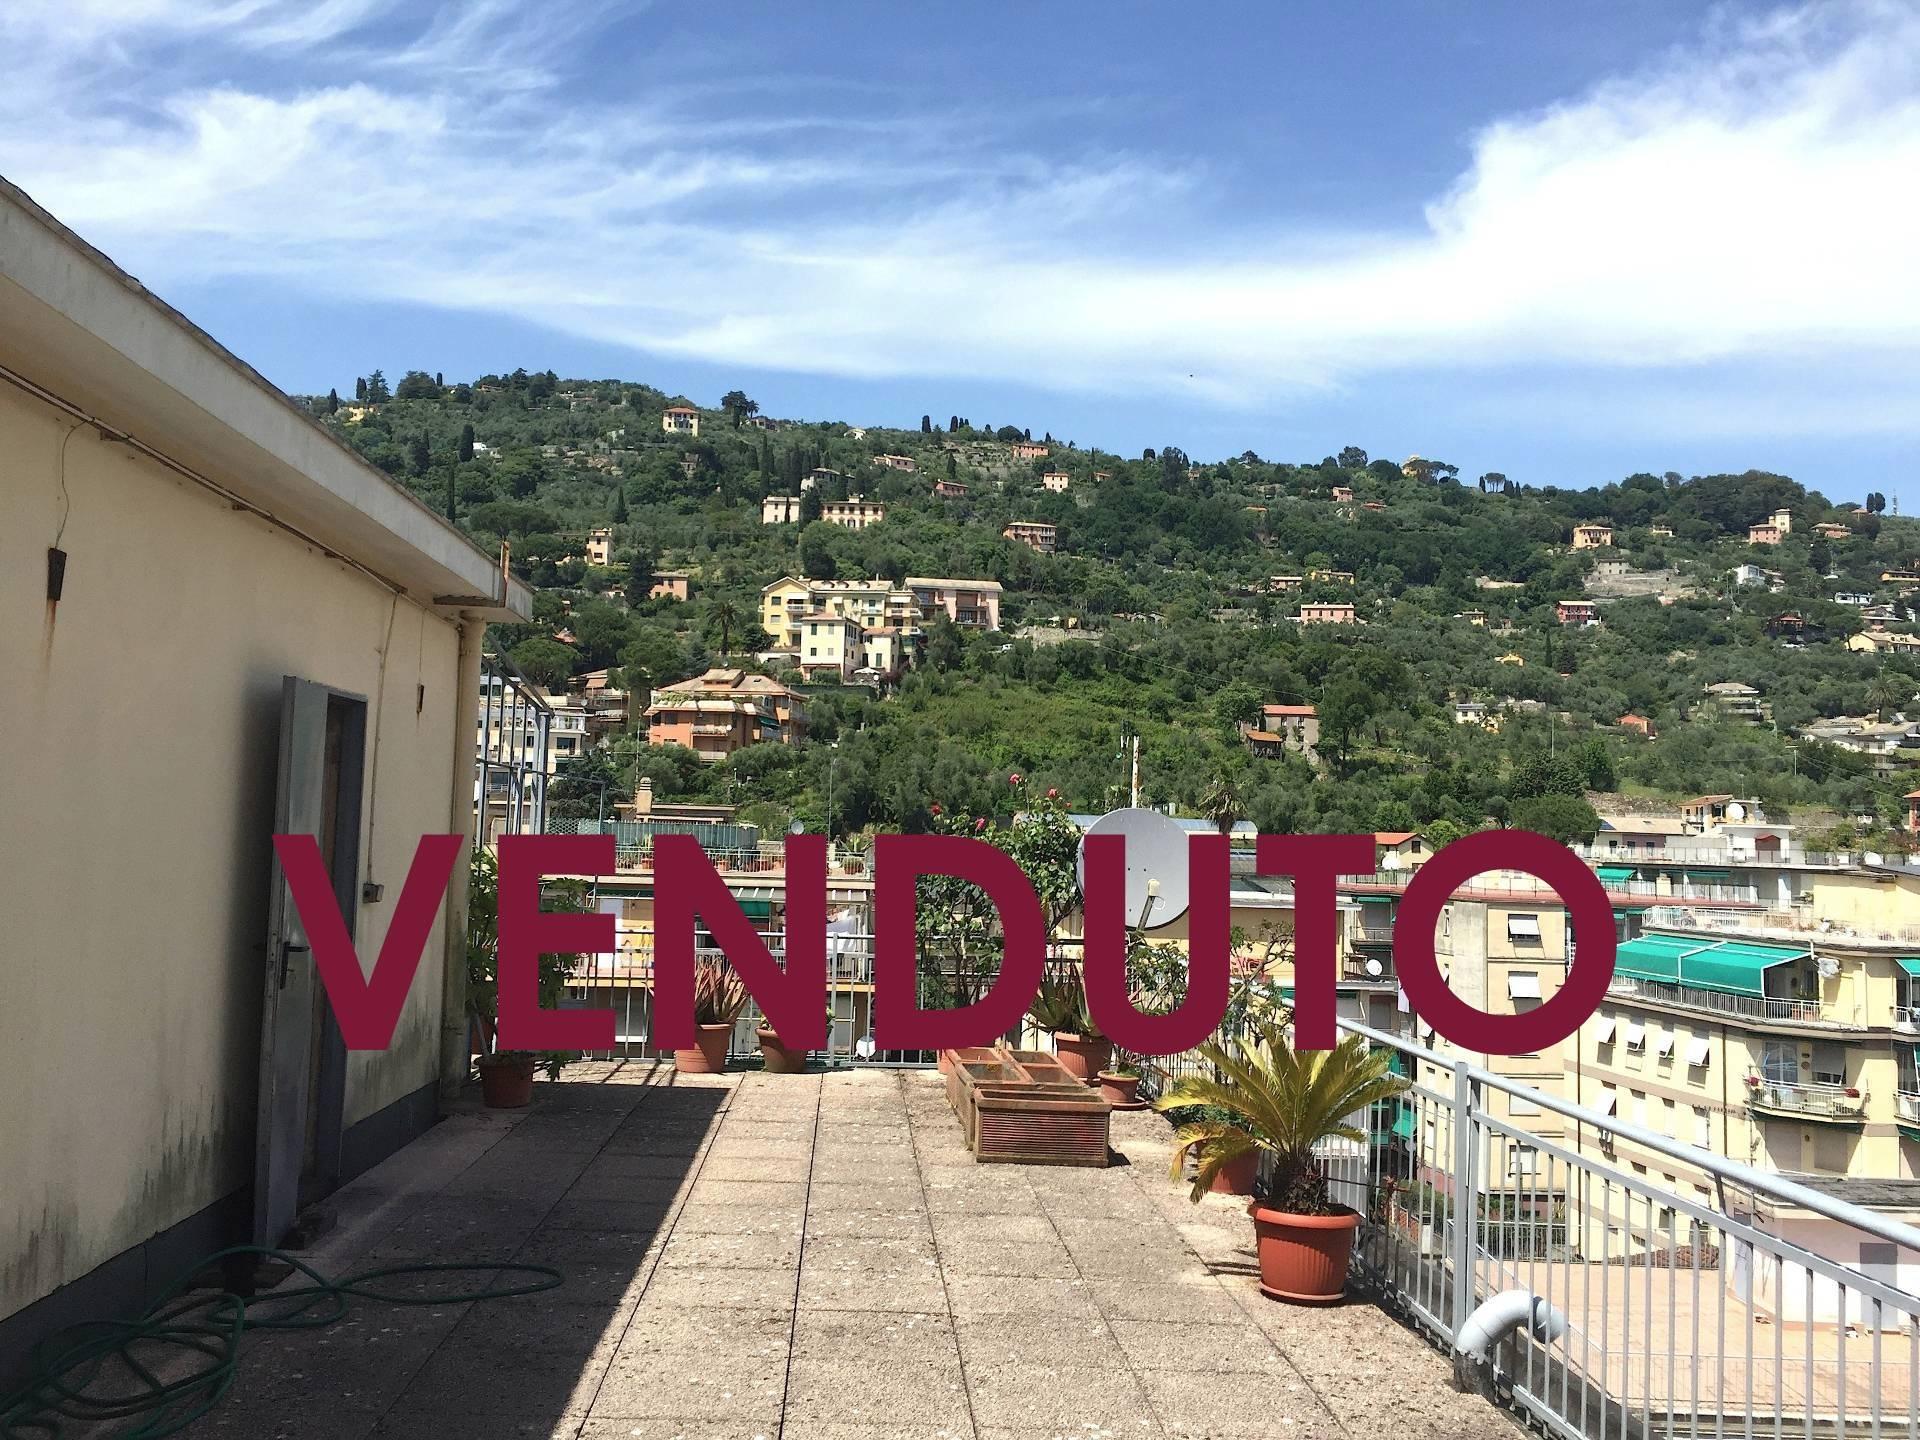 Attico / Mansarda in vendita a Santa Margherita Ligure, 4 locali, prezzo € 290.000 | Cambio Casa.it